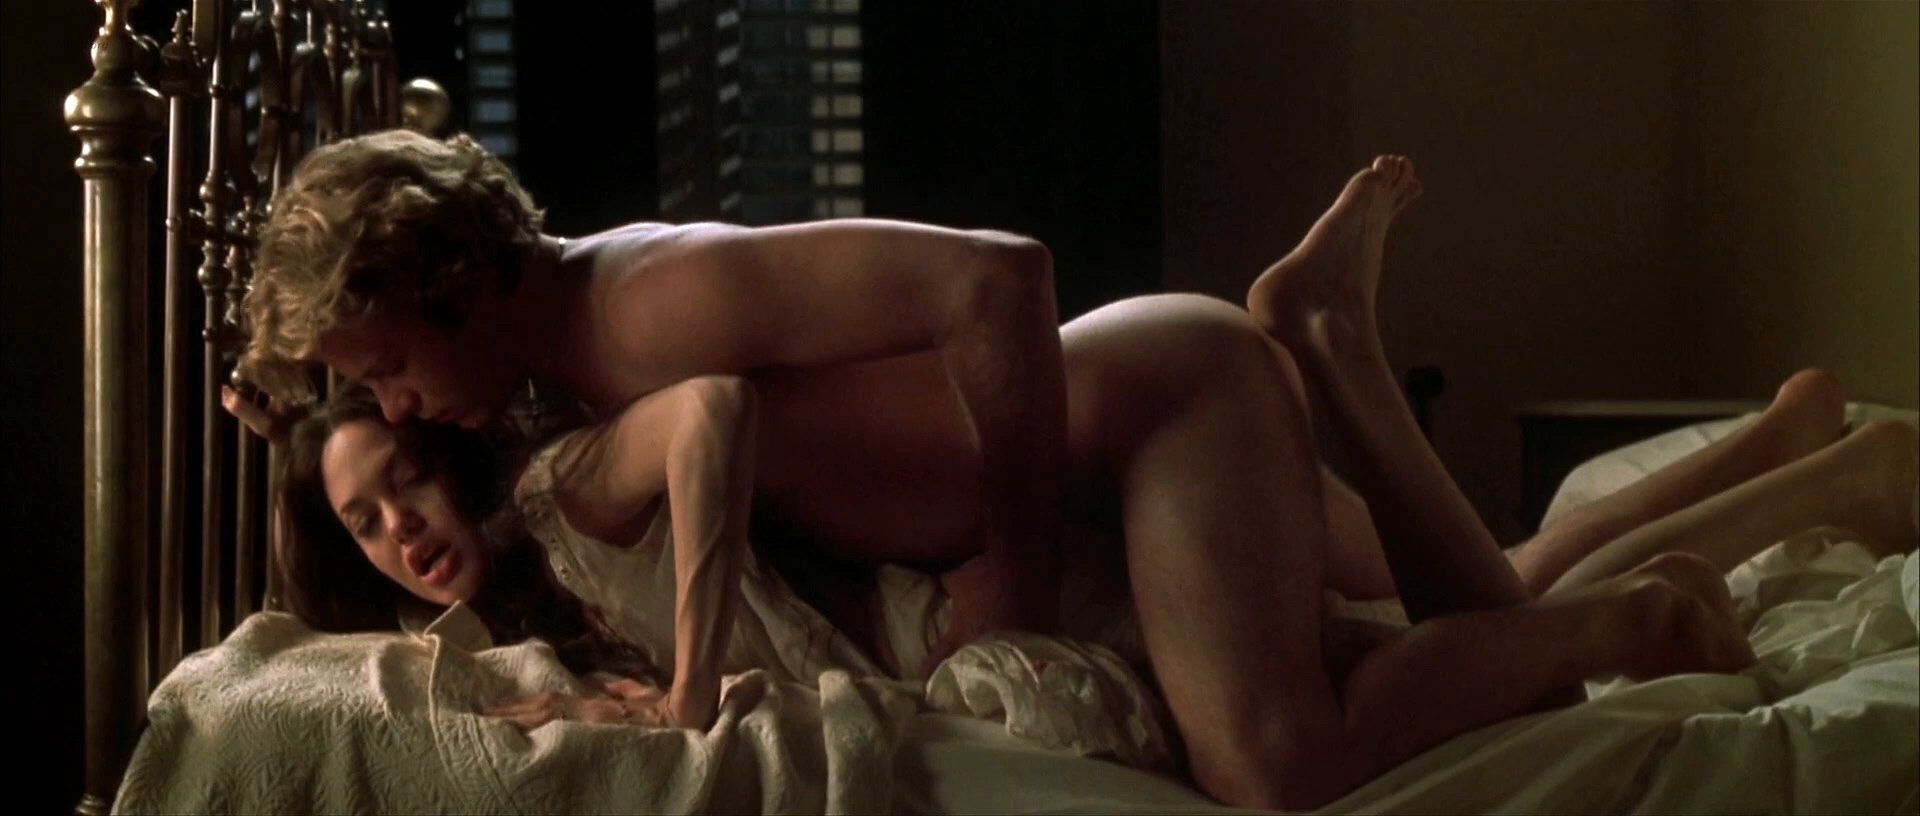 члена блестит смотреть секс видео сцены из фильмов обтягивала